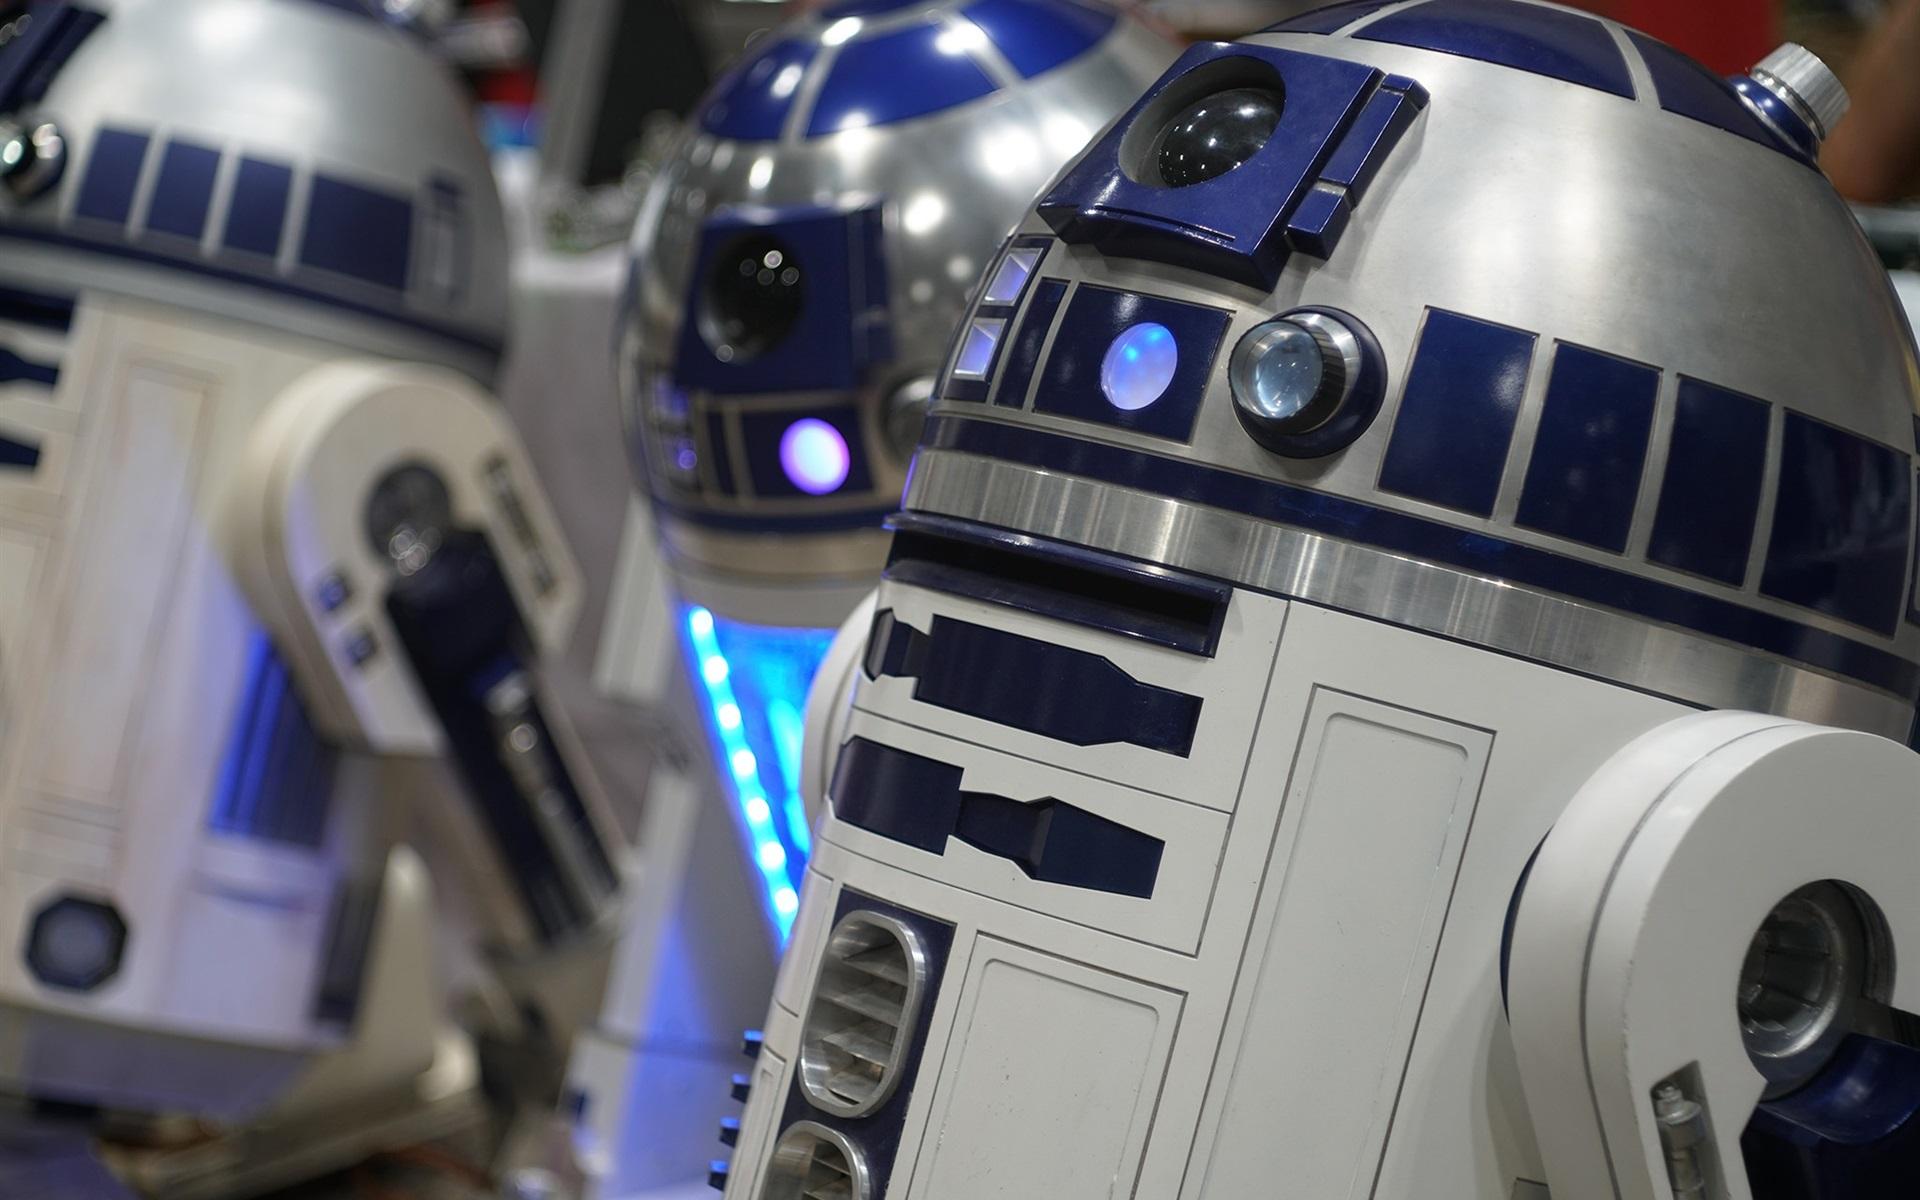 壁紙 R2 D2ロボット スターウォーズ 1920x1200 Hd 無料のデスクトップ